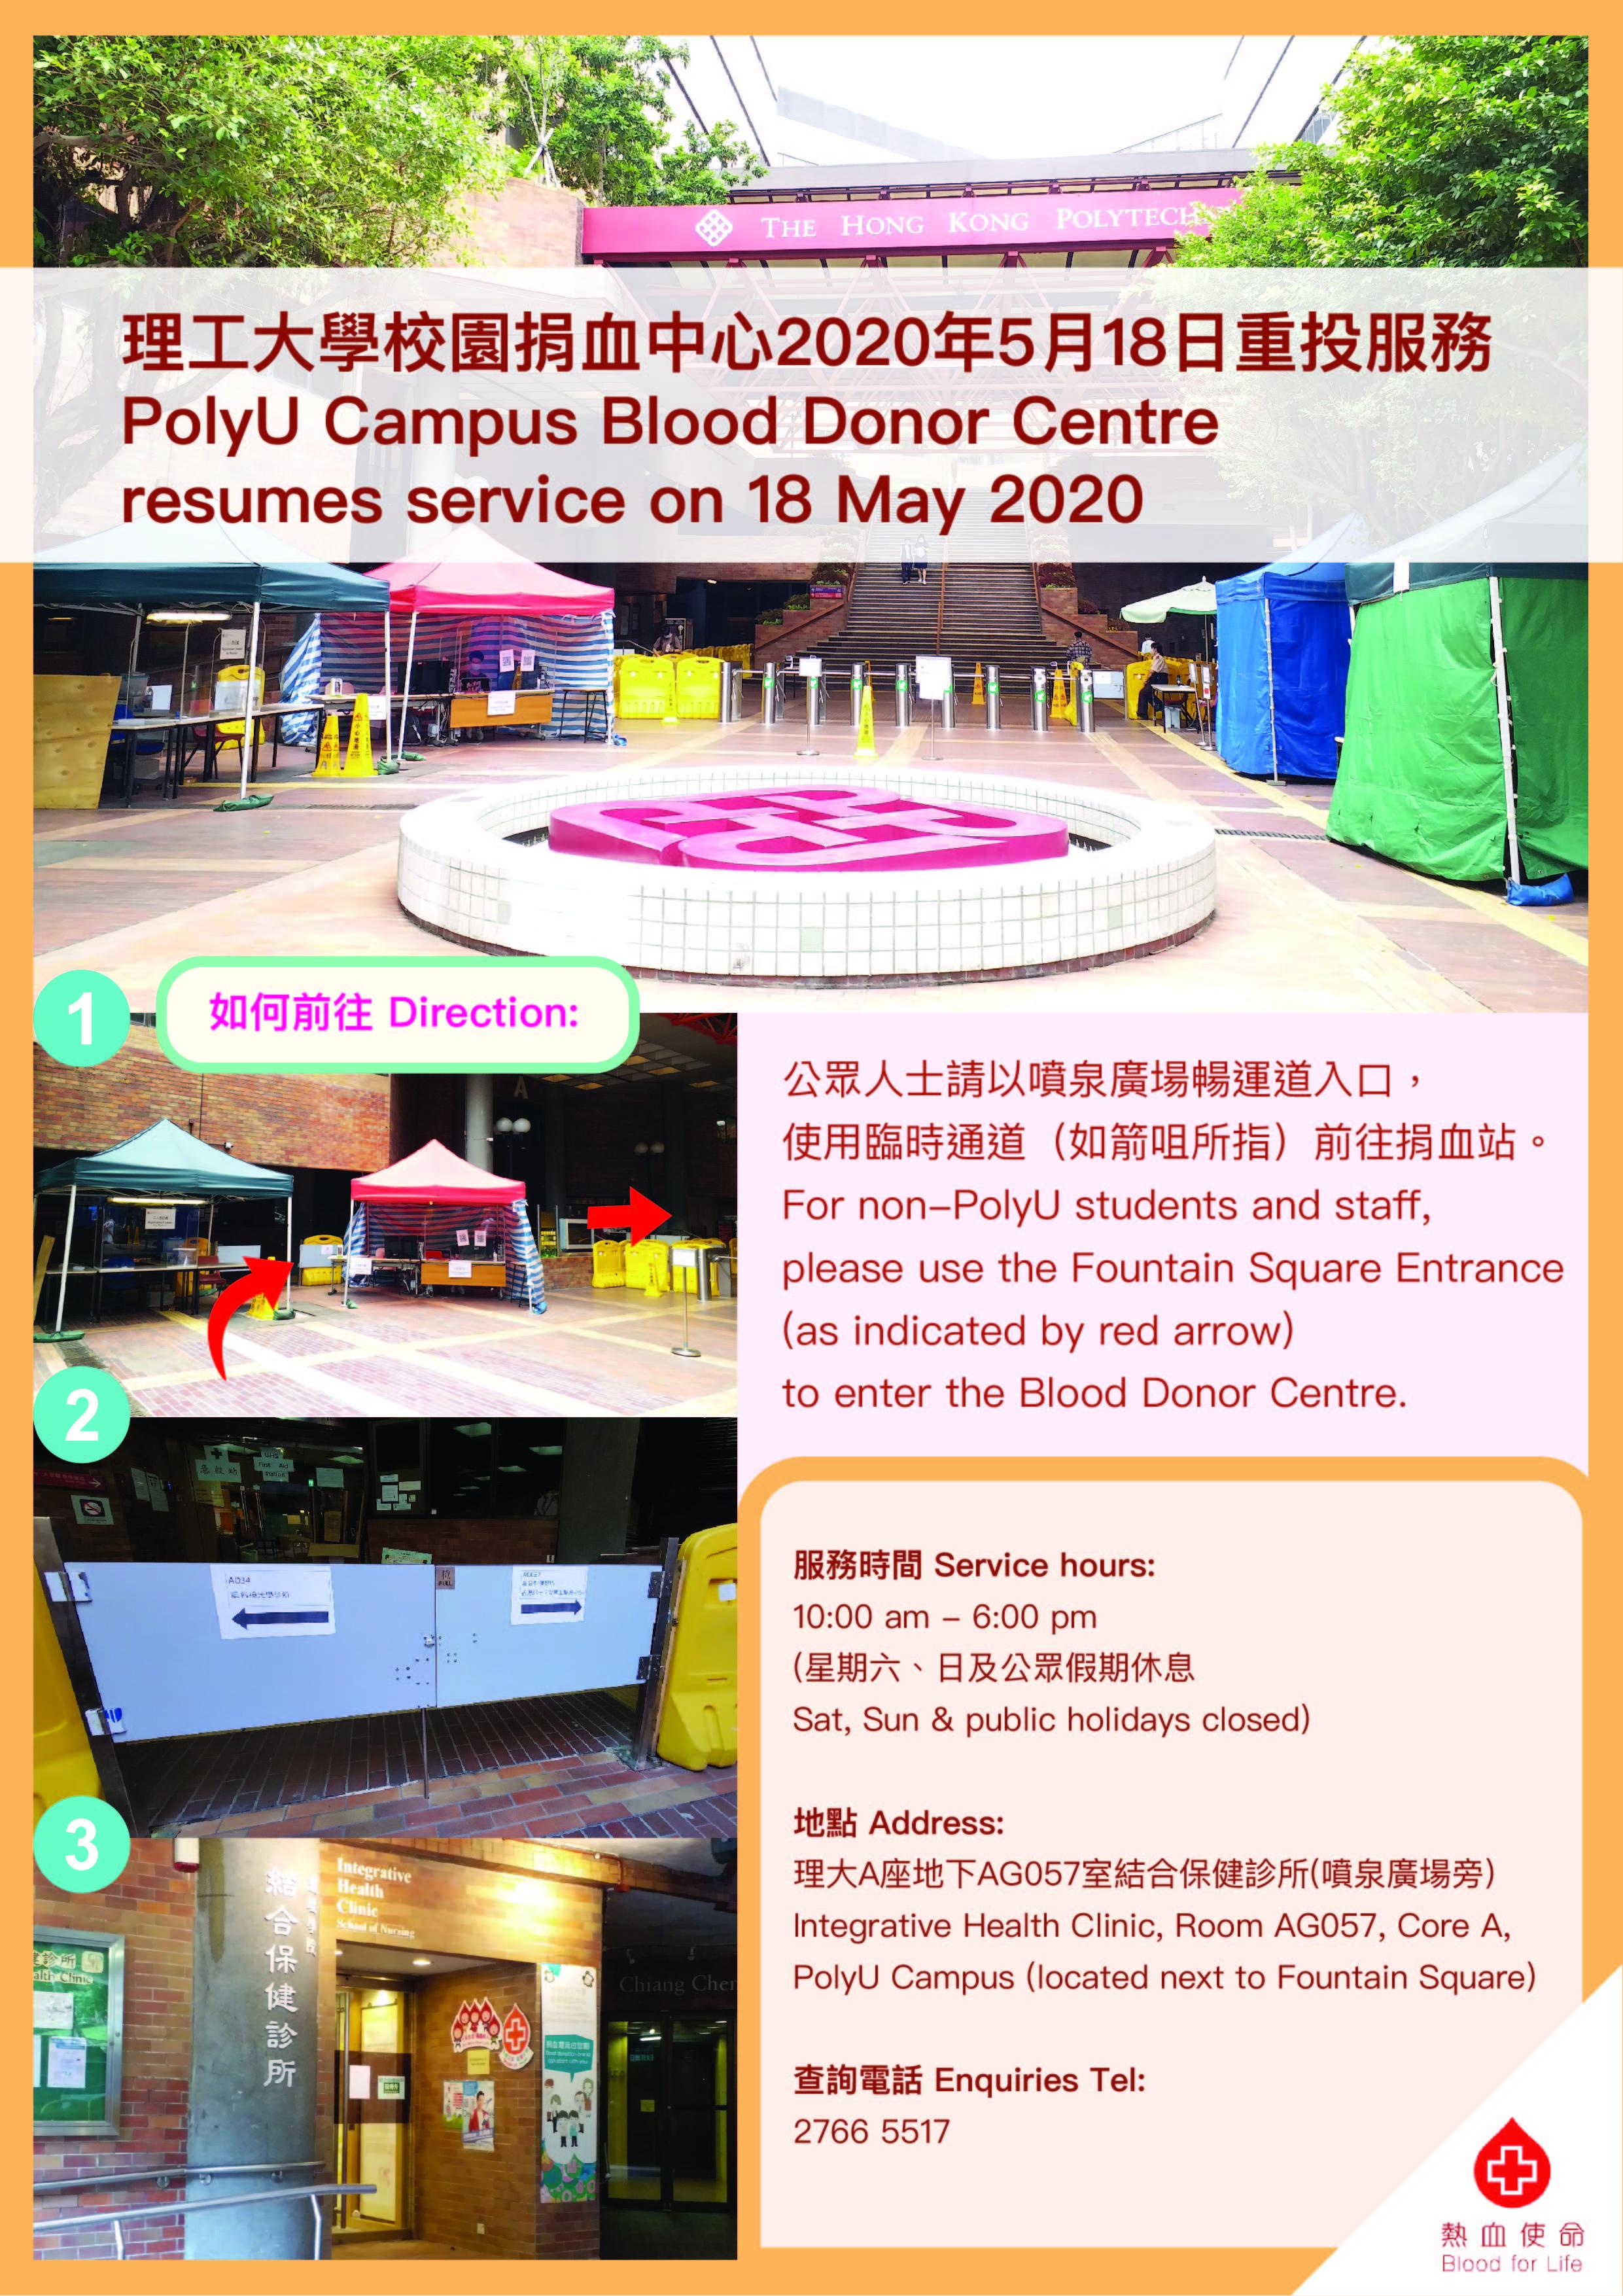 圖片: 公眾人士請以噴泉廣場暢運道入口,使用臨時通道前往捐血站。